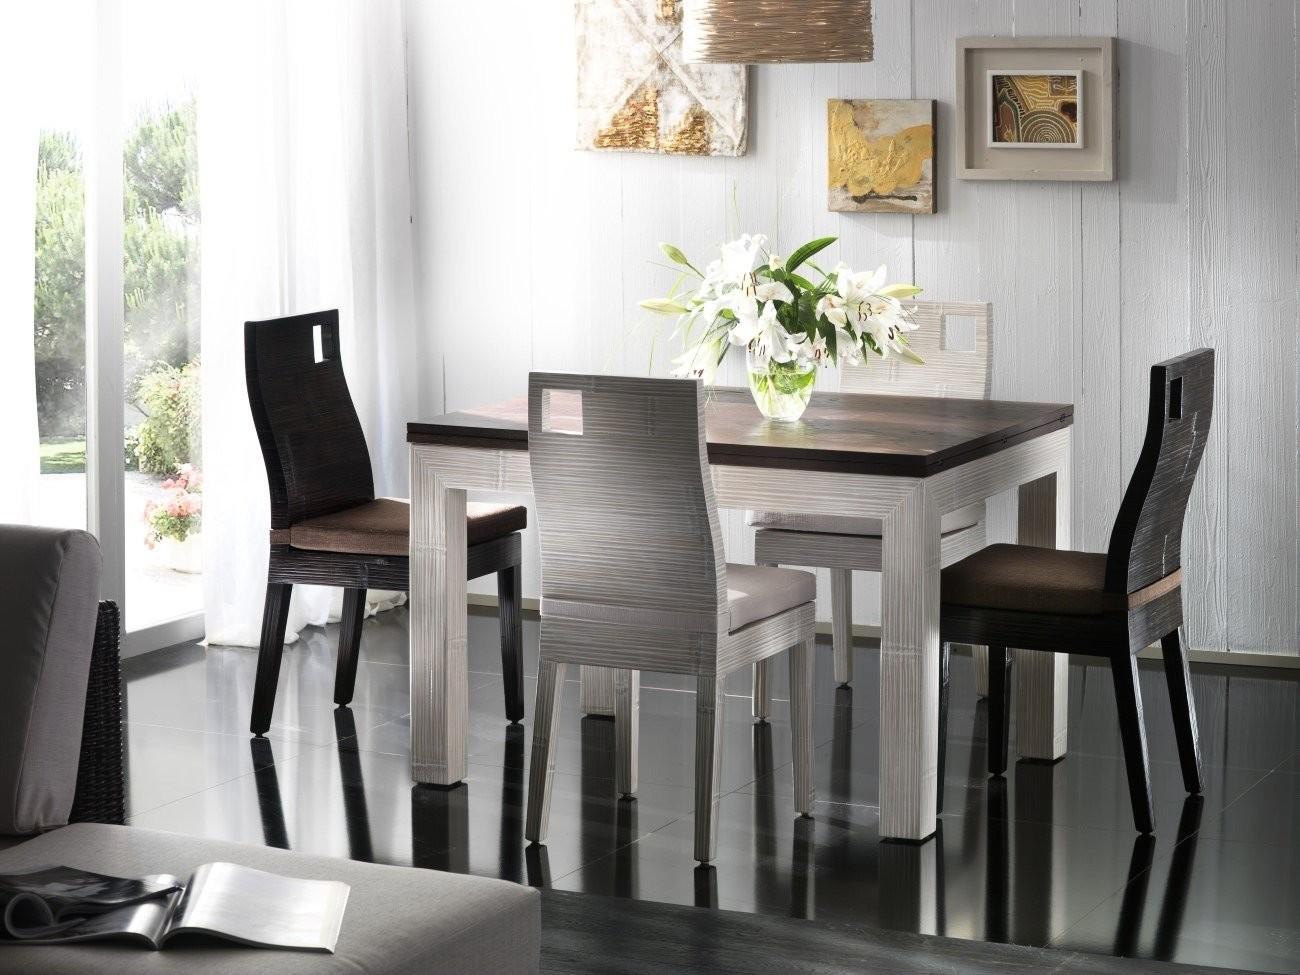 Bambusový jídelní set ESSENTIAL white/black